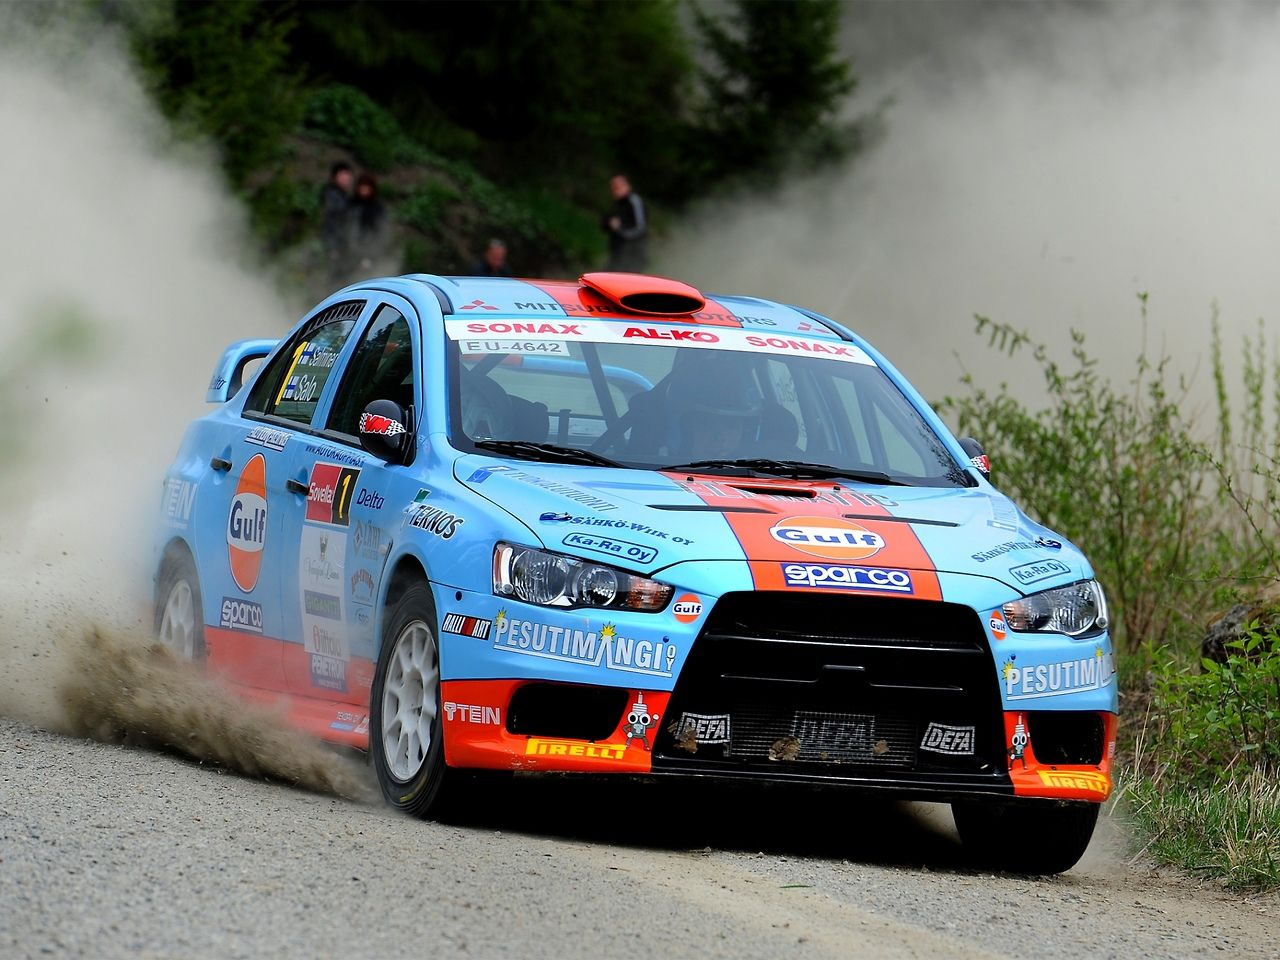 Mitsubishi Evo rally car   Rally   Pinterest   Rally car, Rally and Evo